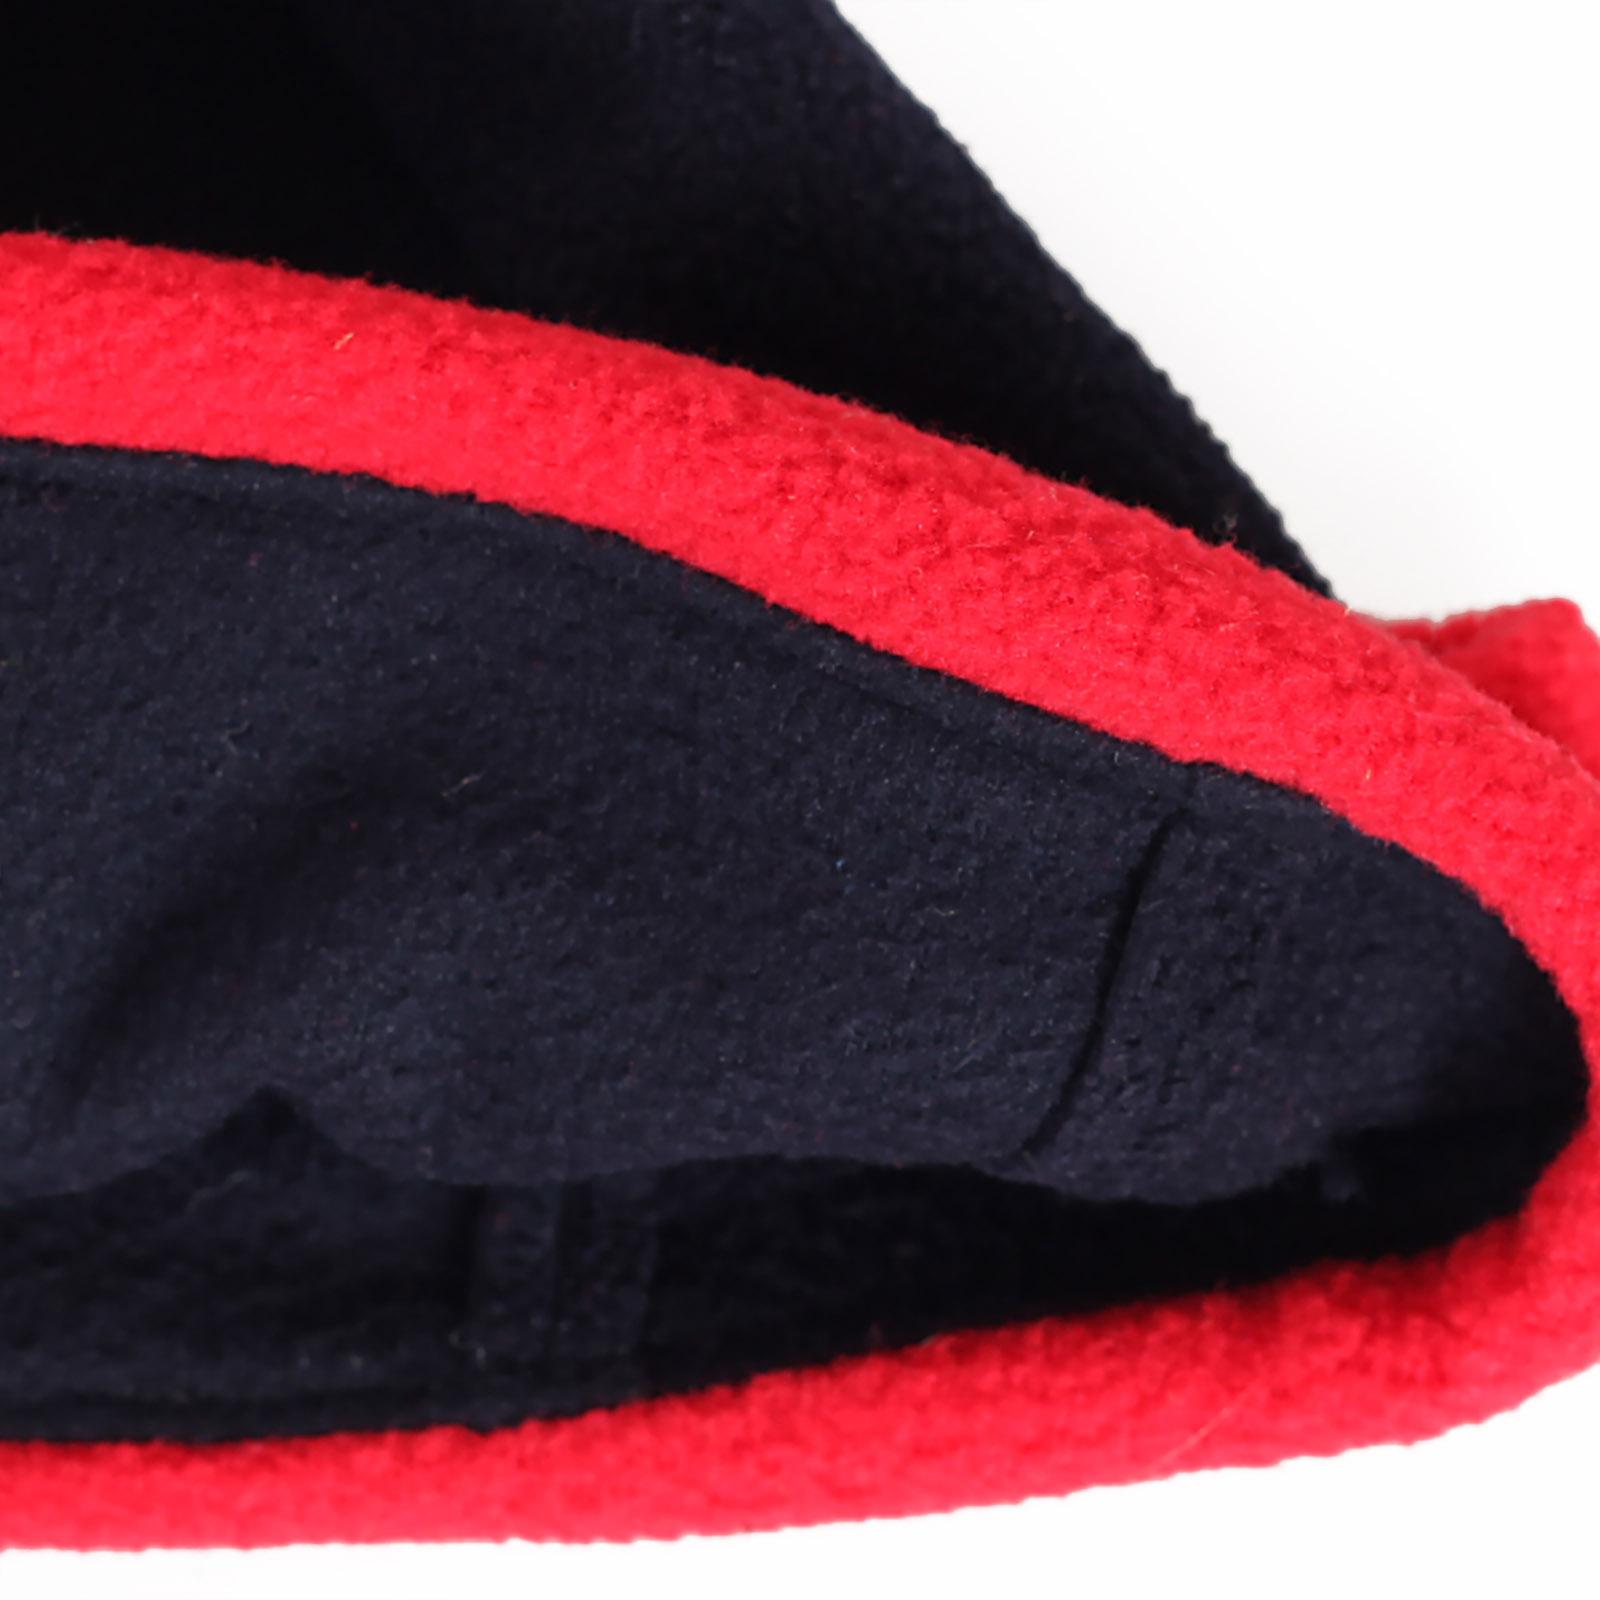 Купить традиционную флисовую зимнюю шапку с отворотом утепленную флисом по выгодной цене